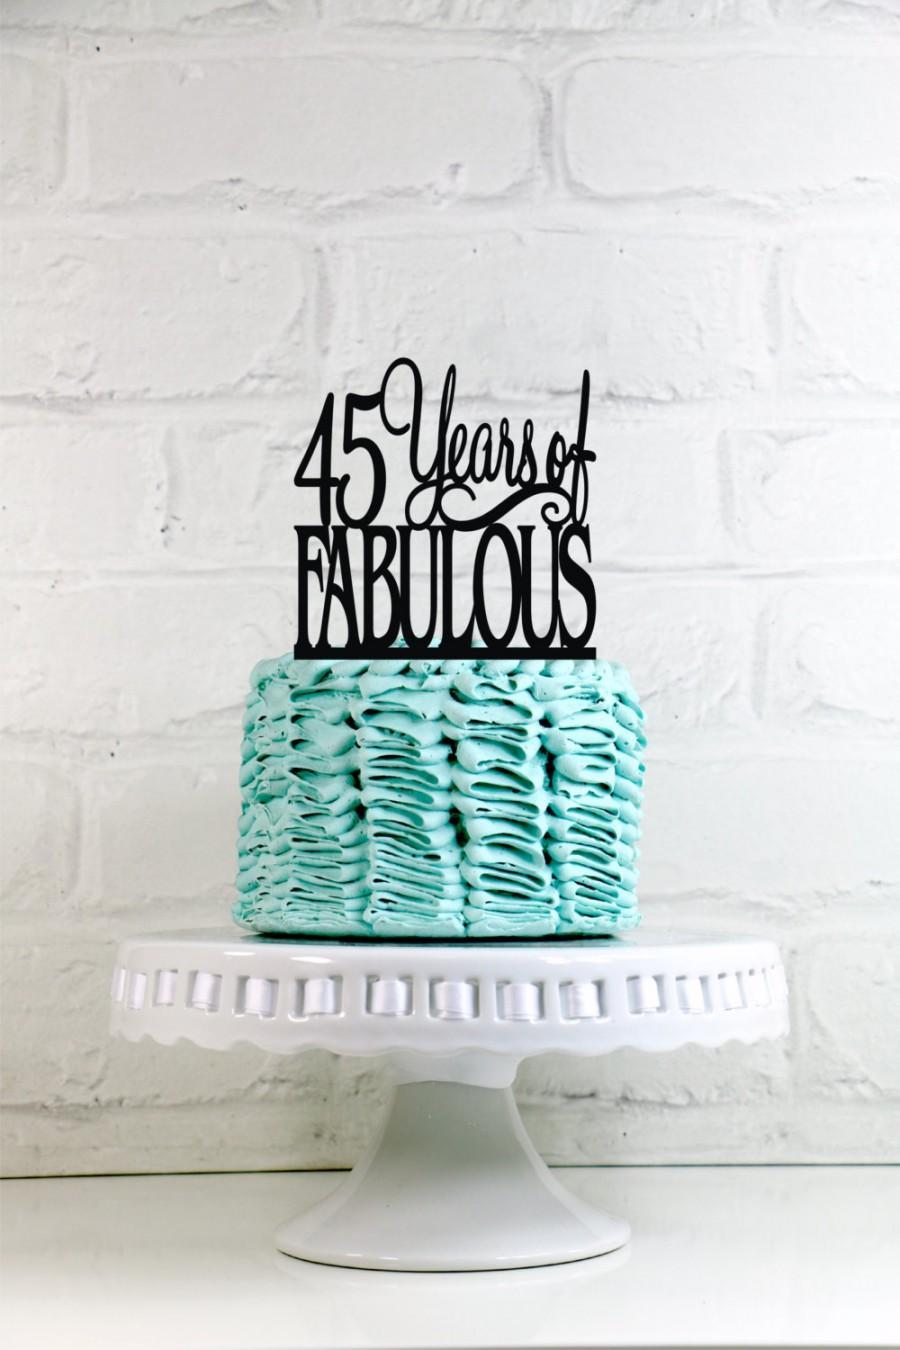 زفاف - 45 Years of Fabulous 45th Birthday Cake Topper or Sign